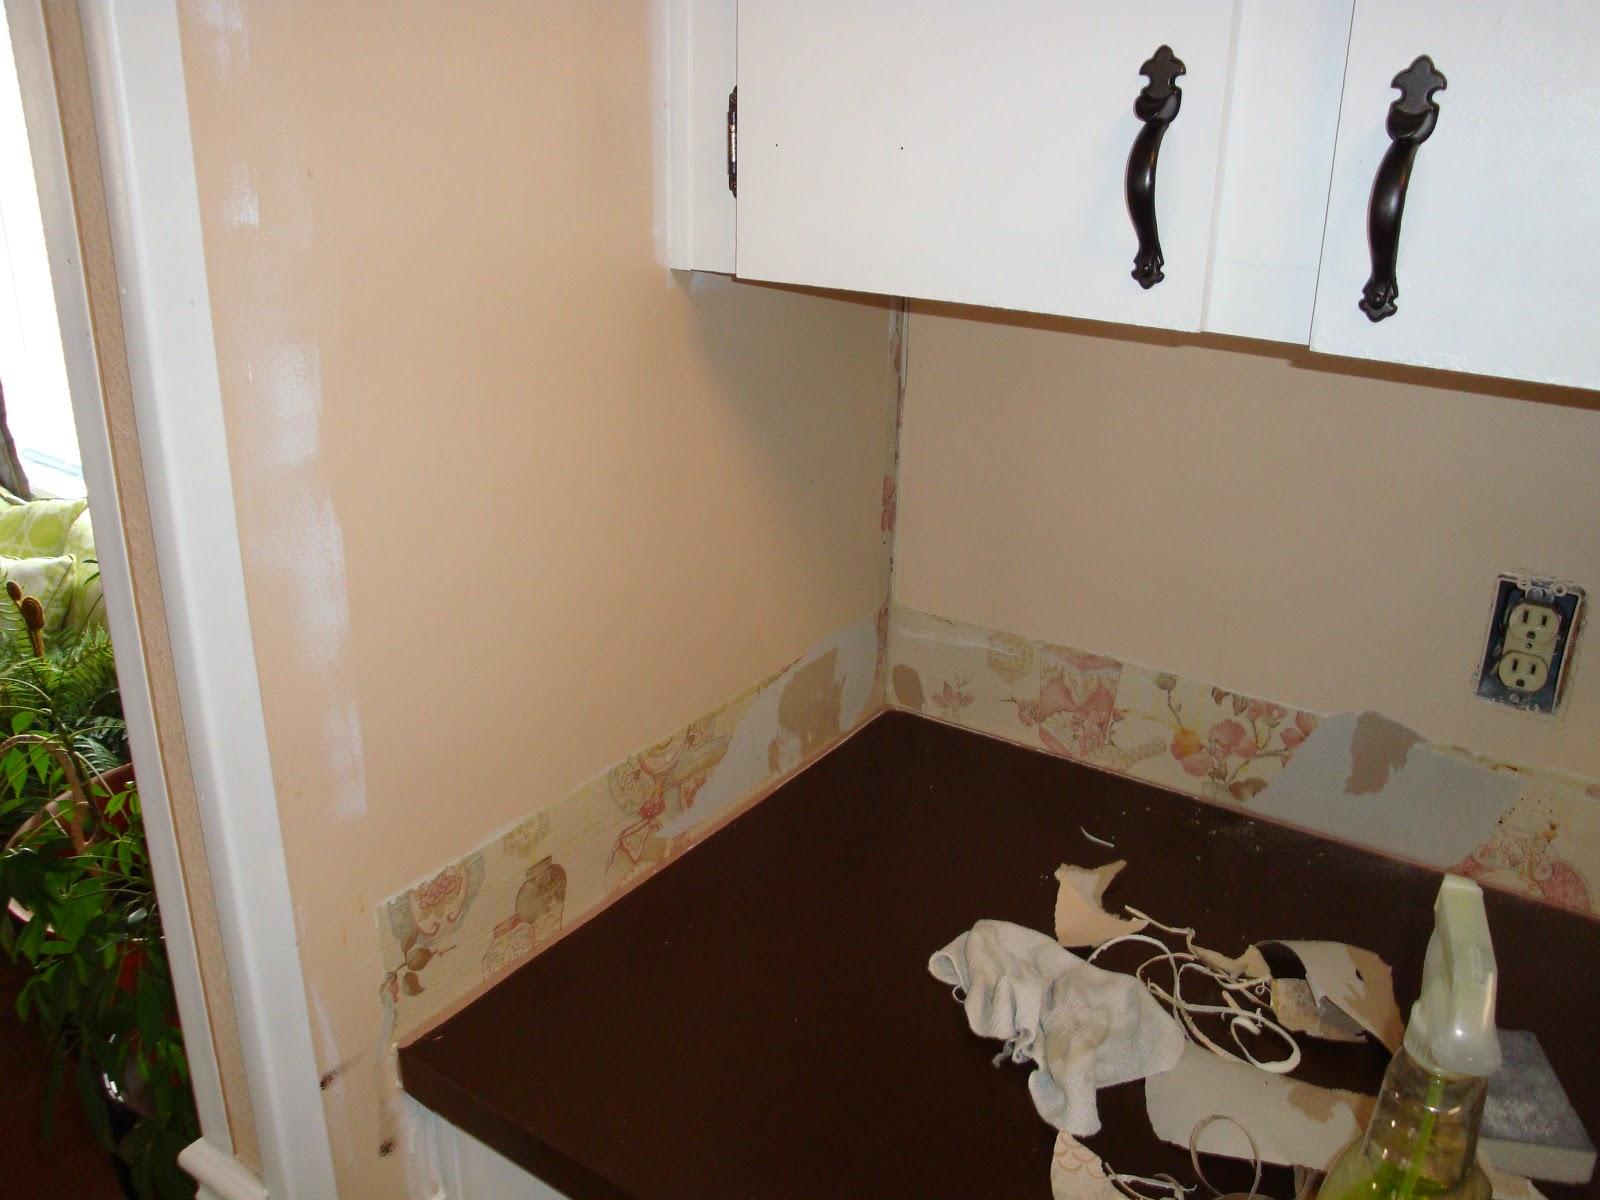 http://2.bp.blogspot.com/-VzdOaXZfuIM/TzAldjIWv8I/AAAAAAAAB2Q/uQ_Z5k0ppRg/s1600/kitchen+love+001.JPG